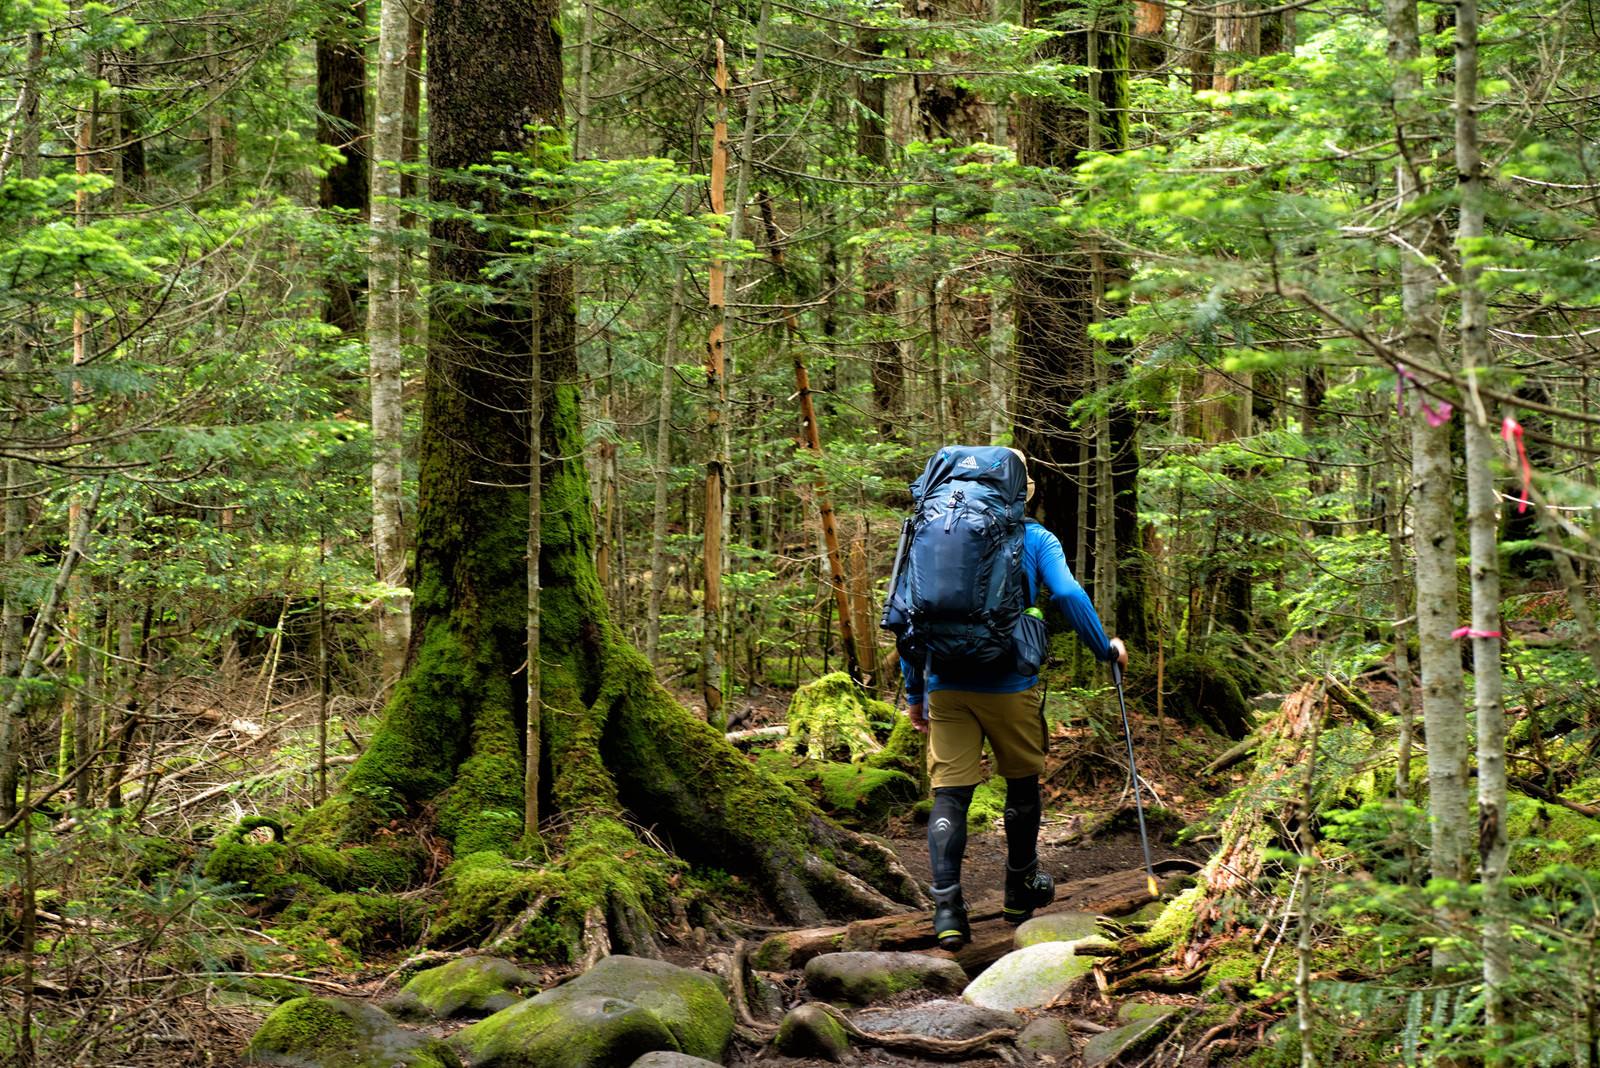 「足元の悪い原生林を歩く登山者」の写真